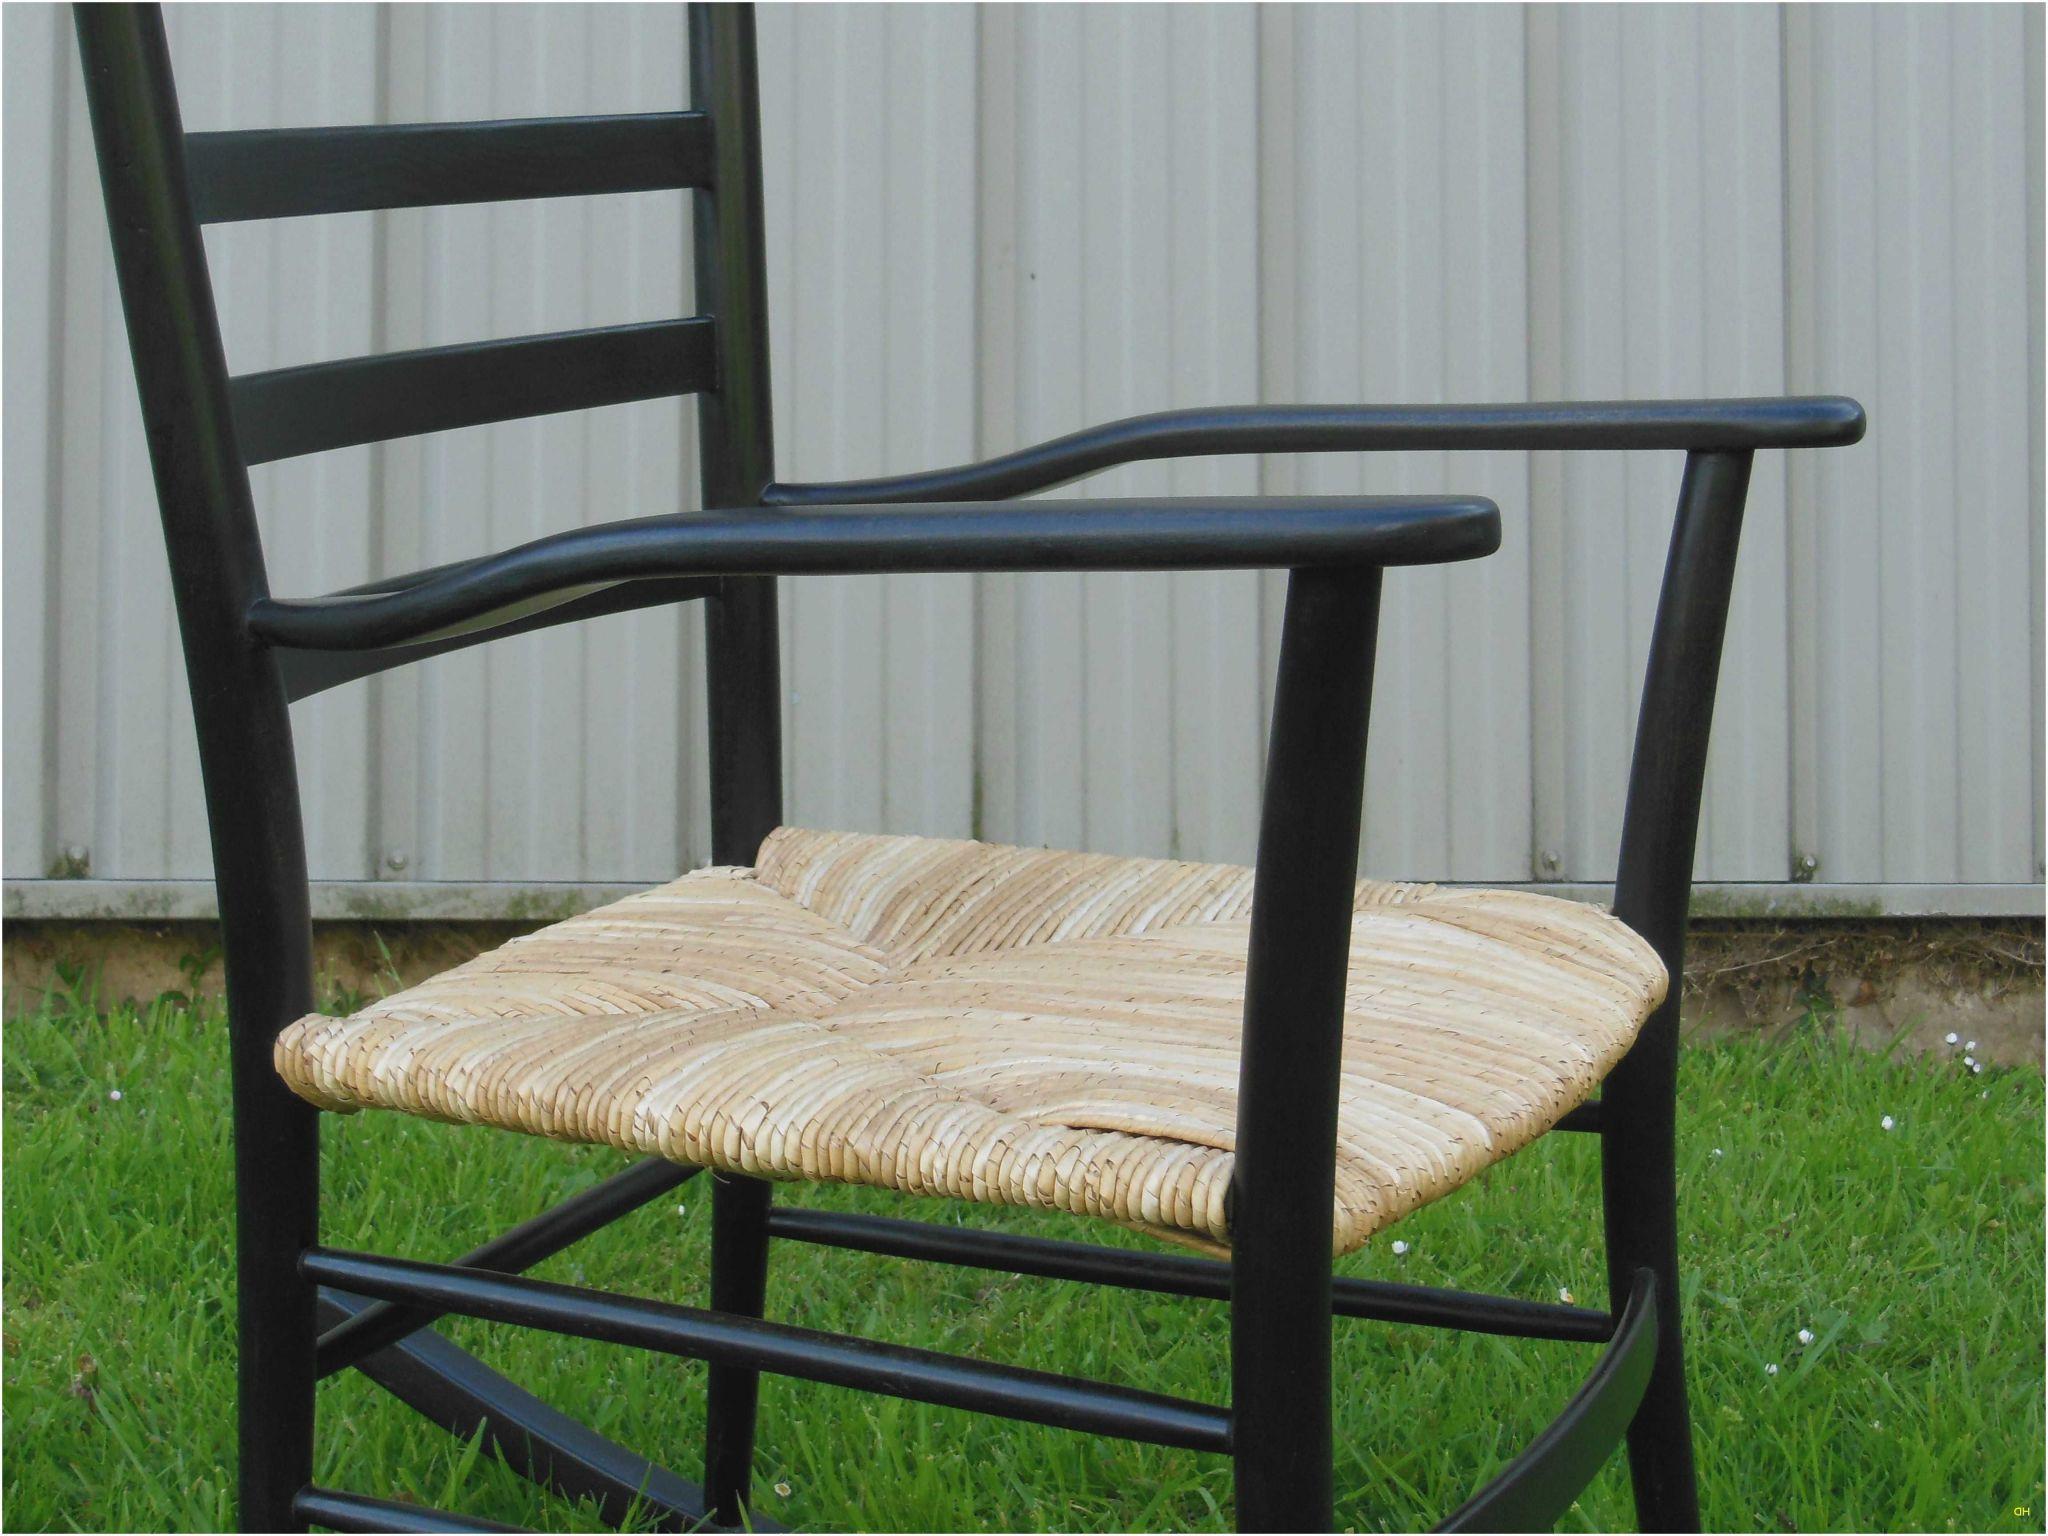 castorama meuble de jardin mobilier de jardin luxembourg of castorama meuble de jardin